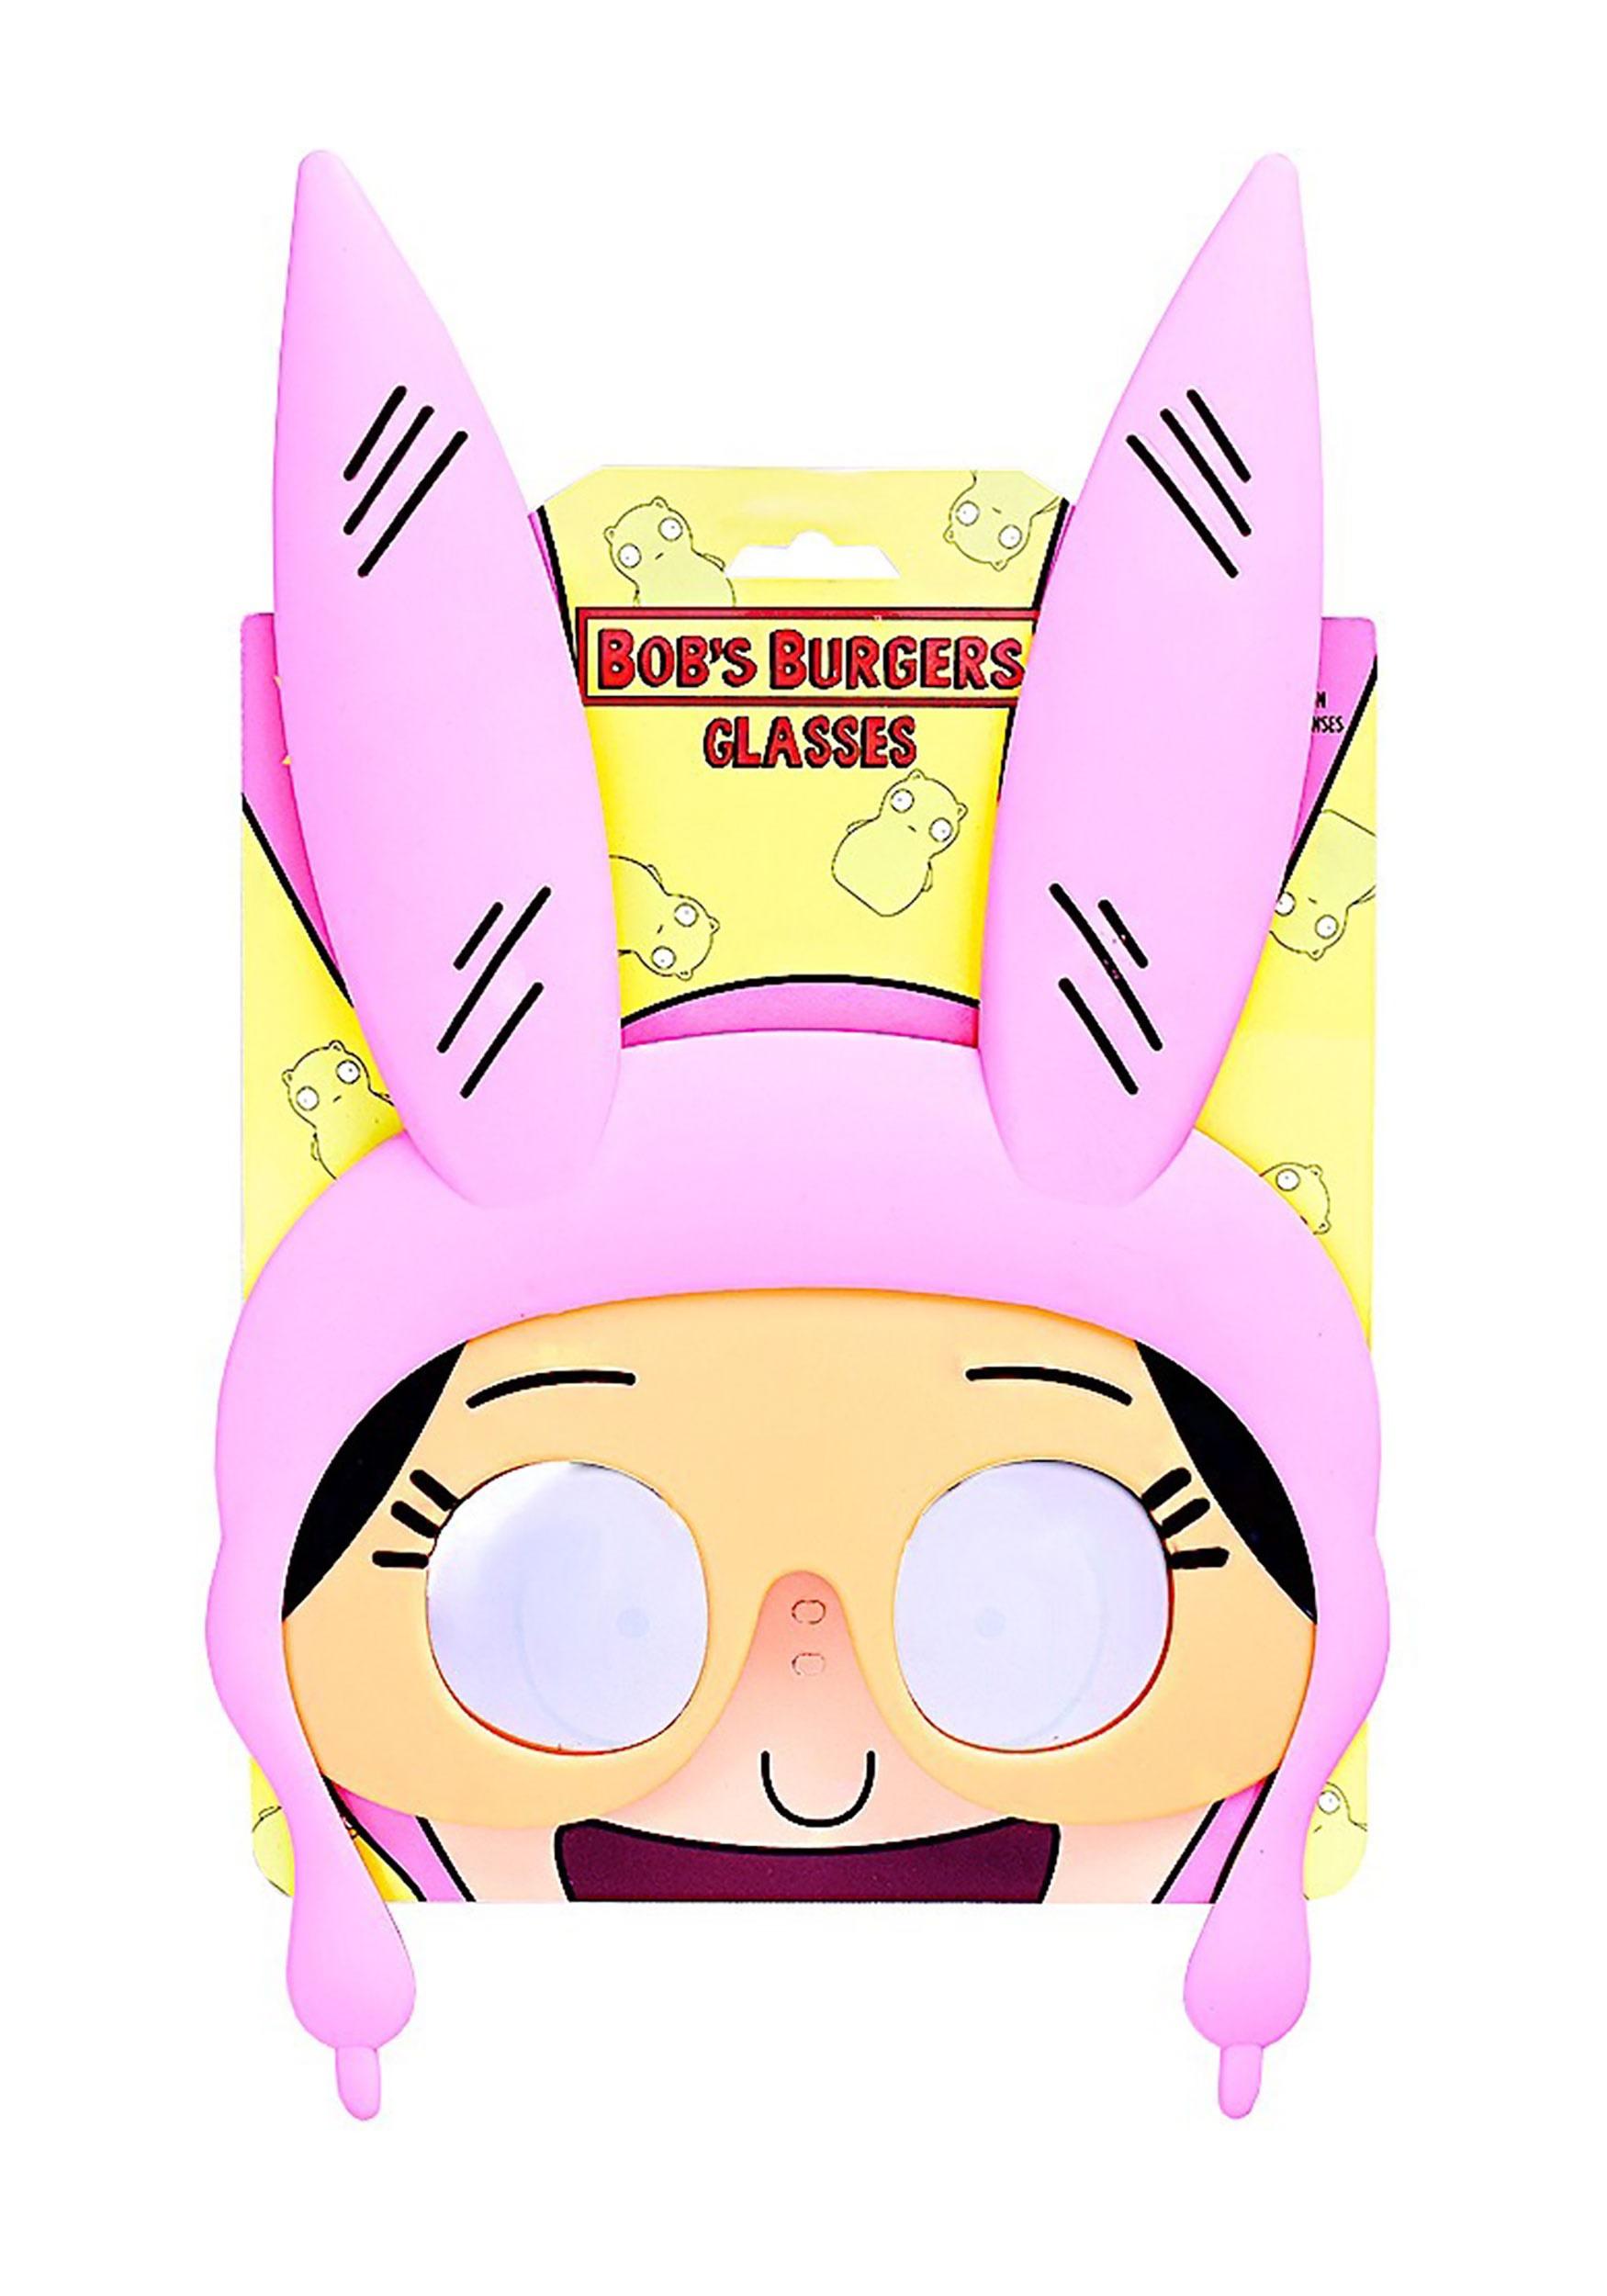 Bob's Burgers Costumes